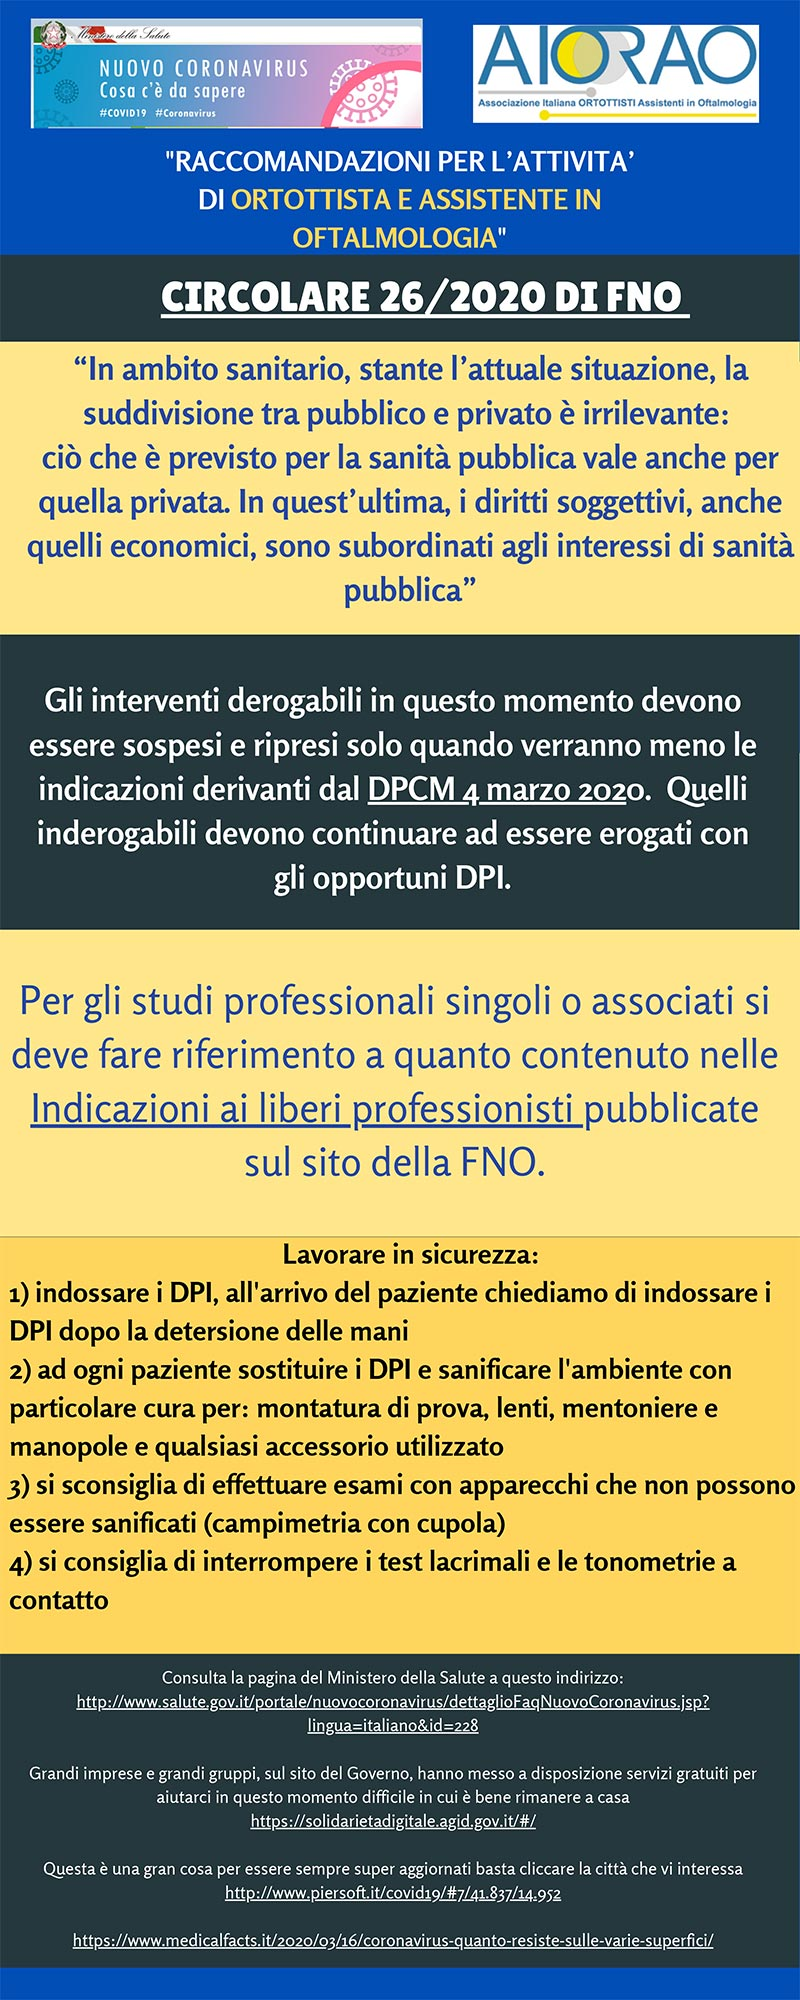 Raccomandazioni Ortottisti Covid-19